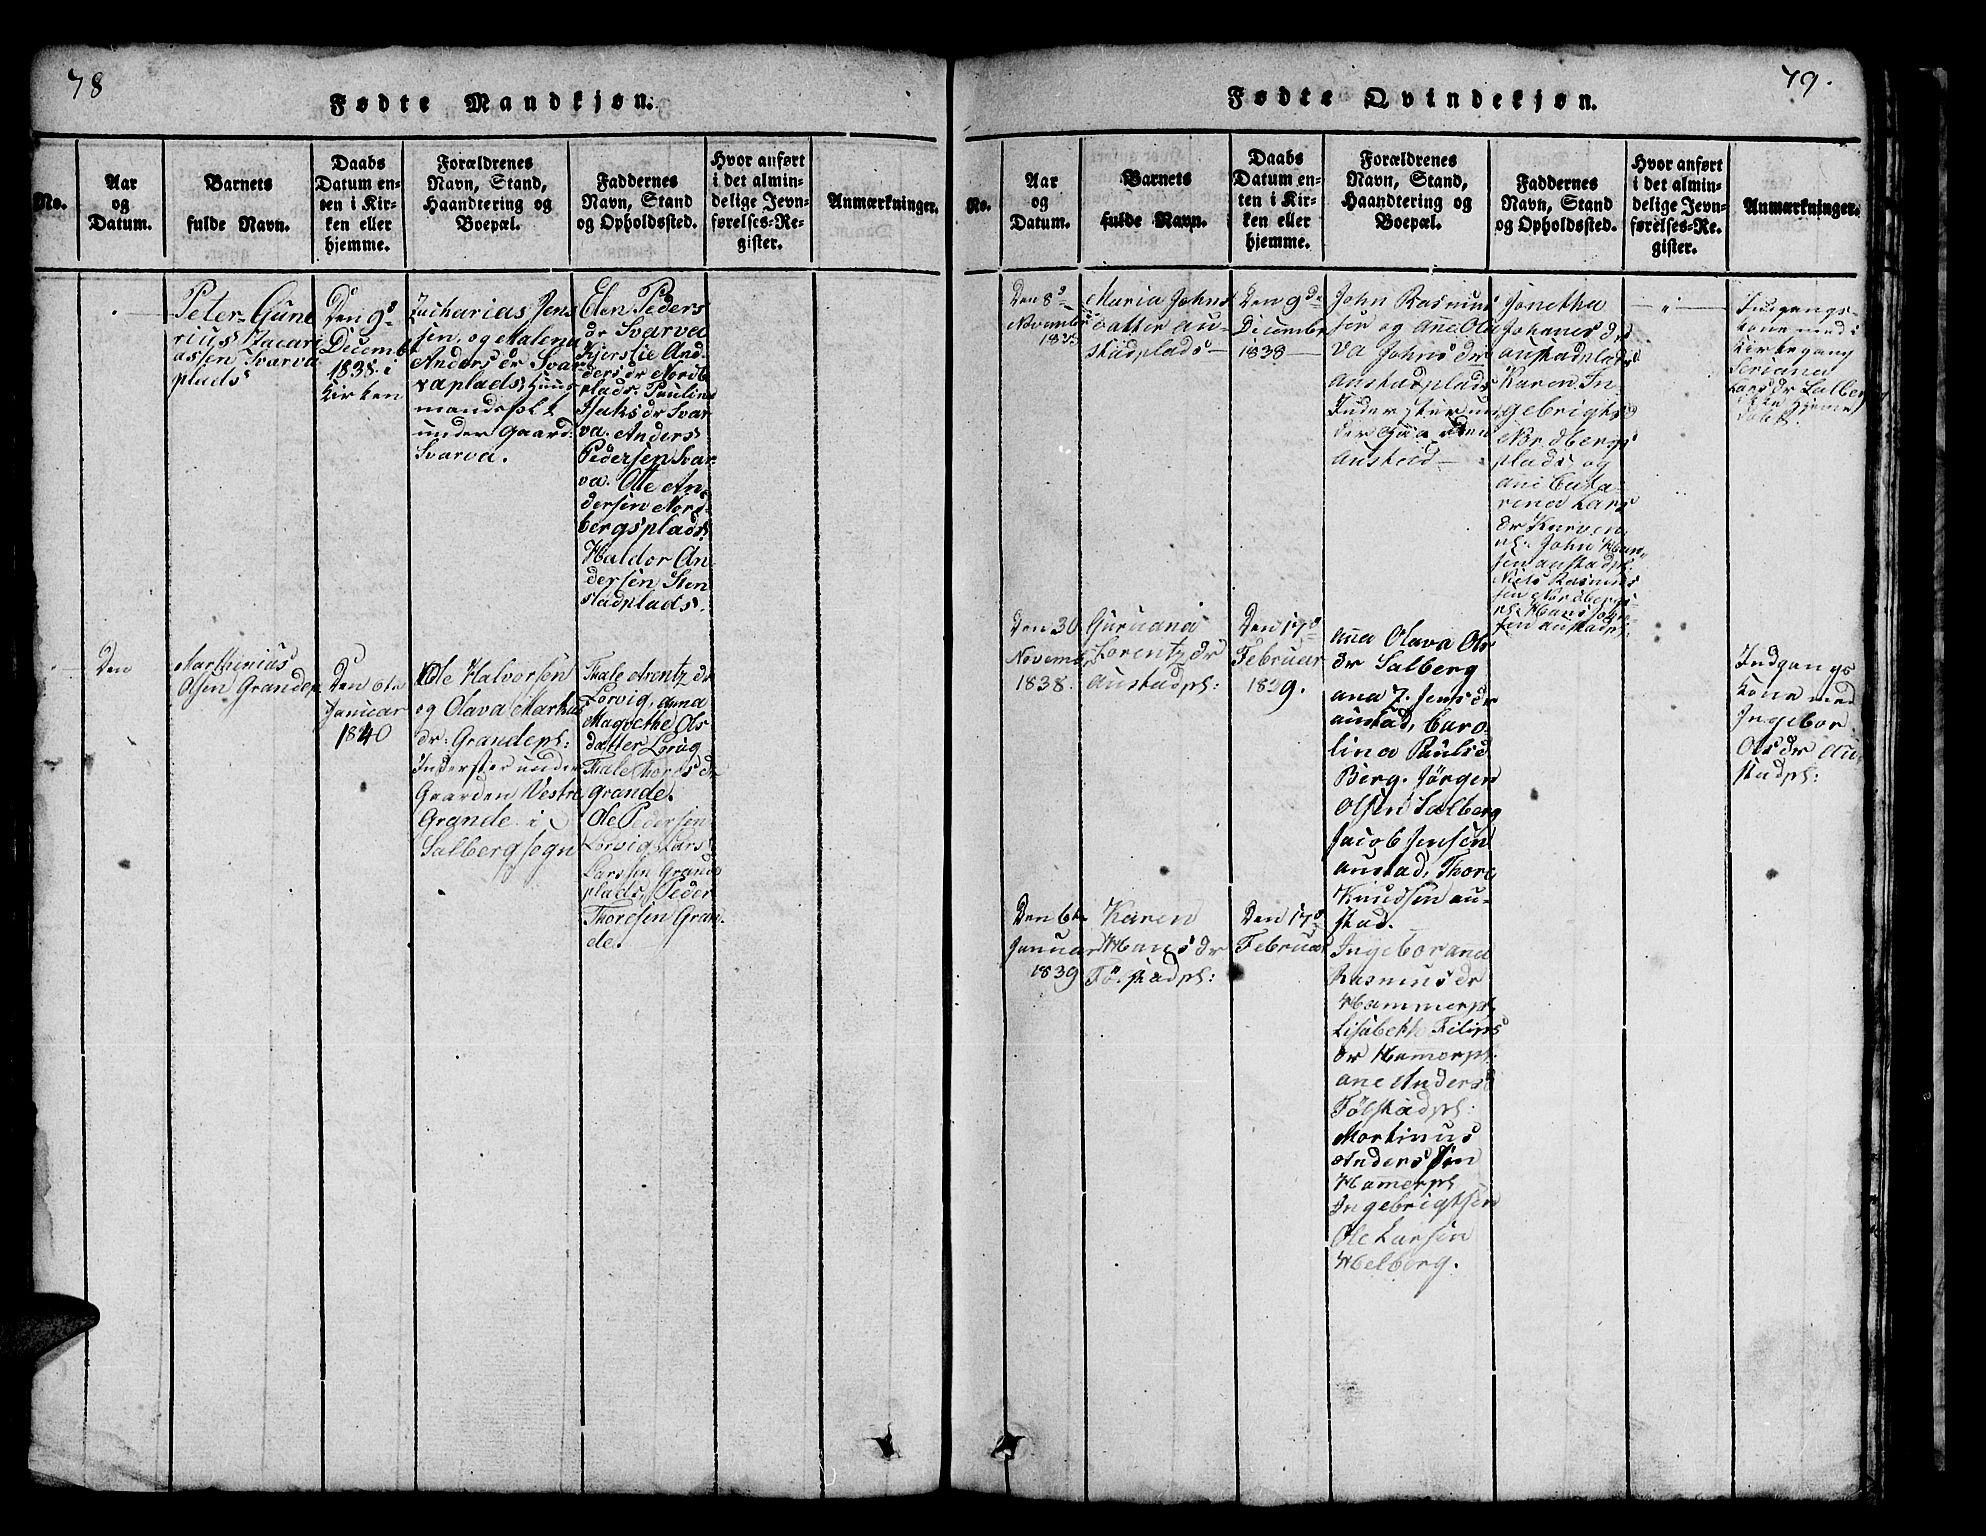 SAT, Ministerialprotokoller, klokkerbøker og fødselsregistre - Nord-Trøndelag, 731/L0310: Klokkerbok nr. 731C01, 1816-1874, s. 78-79